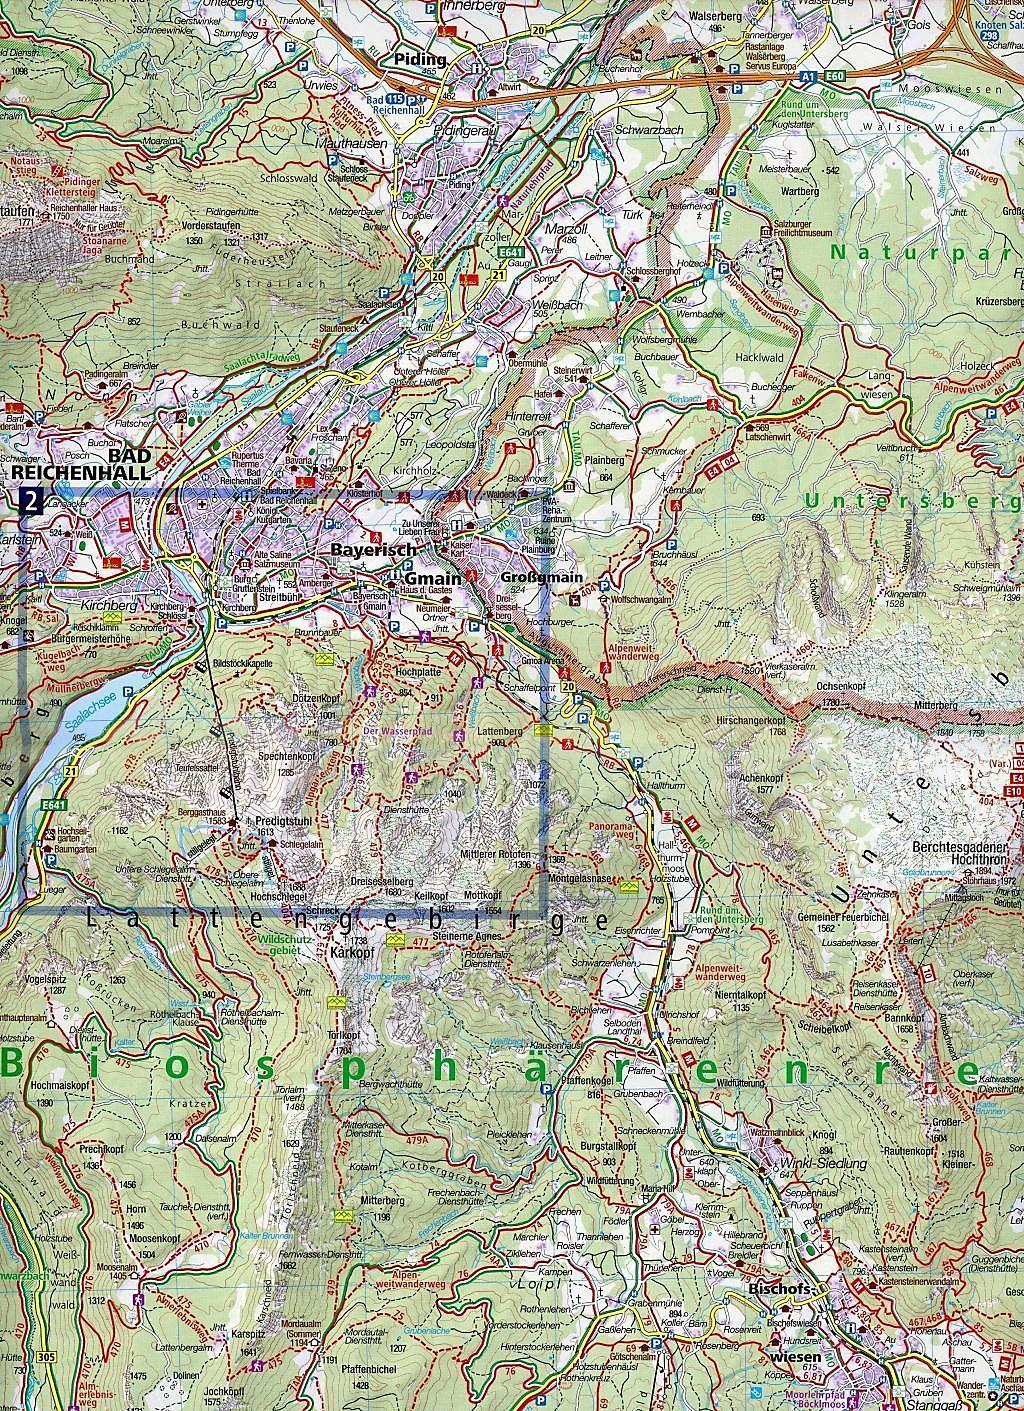 Berchtesgadener Land Karte.Kompass Karte Berchtesgadener Land Chiemgauer Alpen Buch